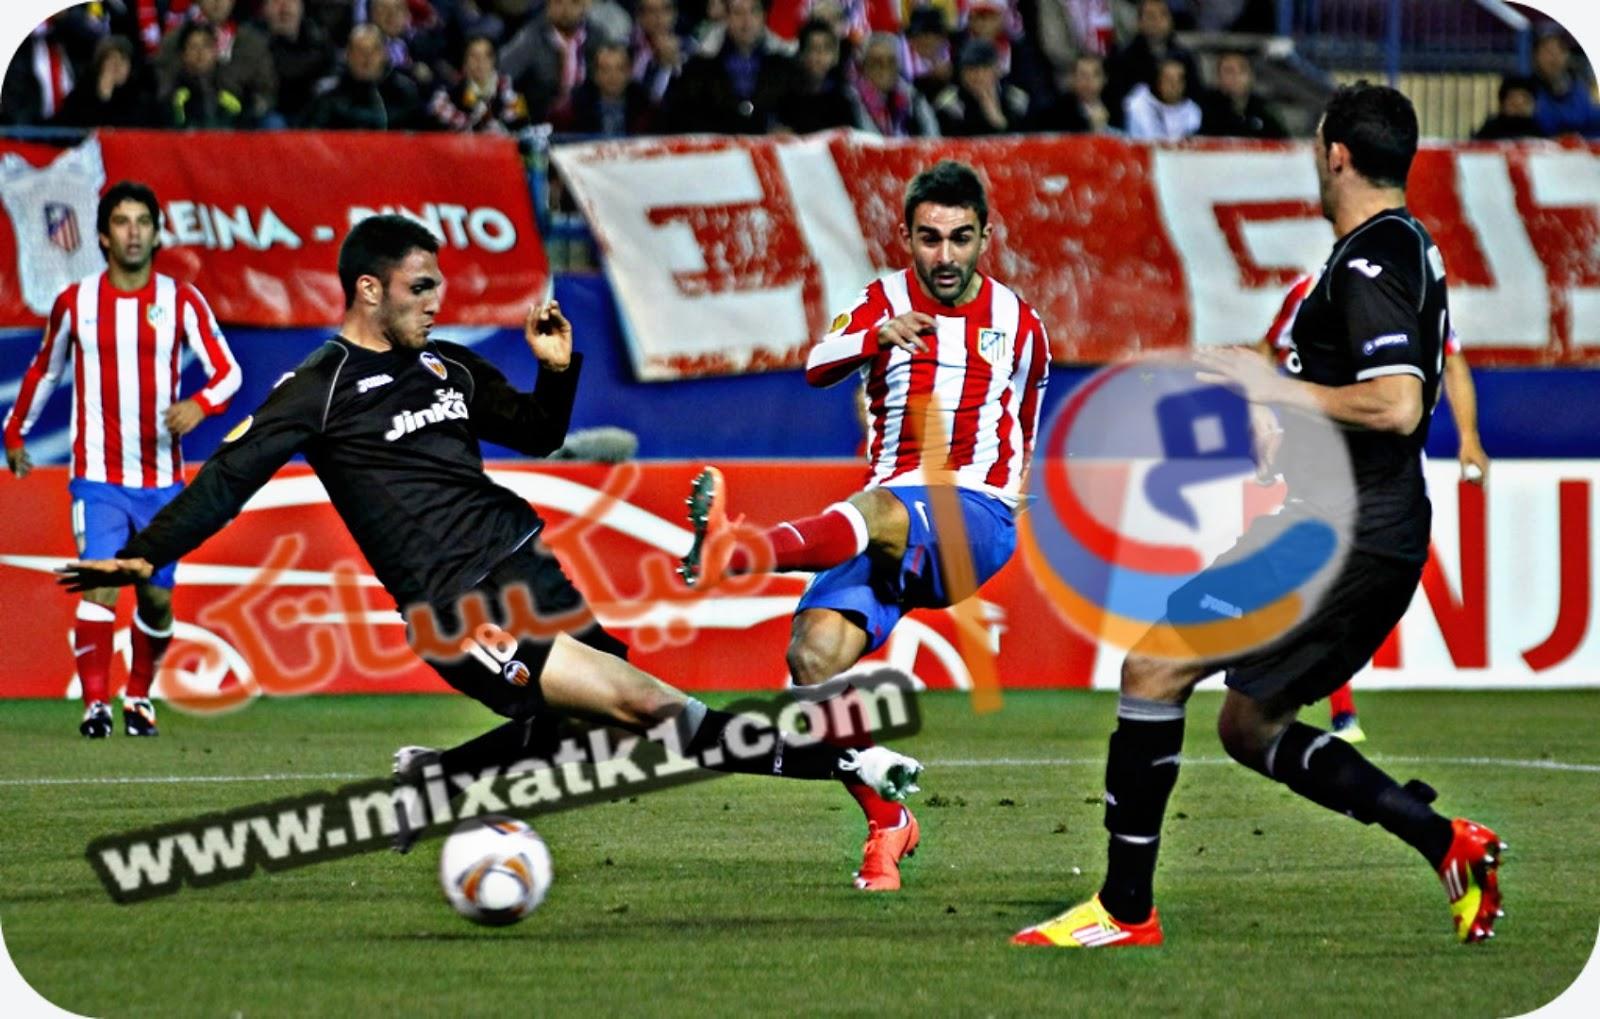 اتليتكو مدريد وفالنسيا, اتليتكو مدريد, فالنسيا